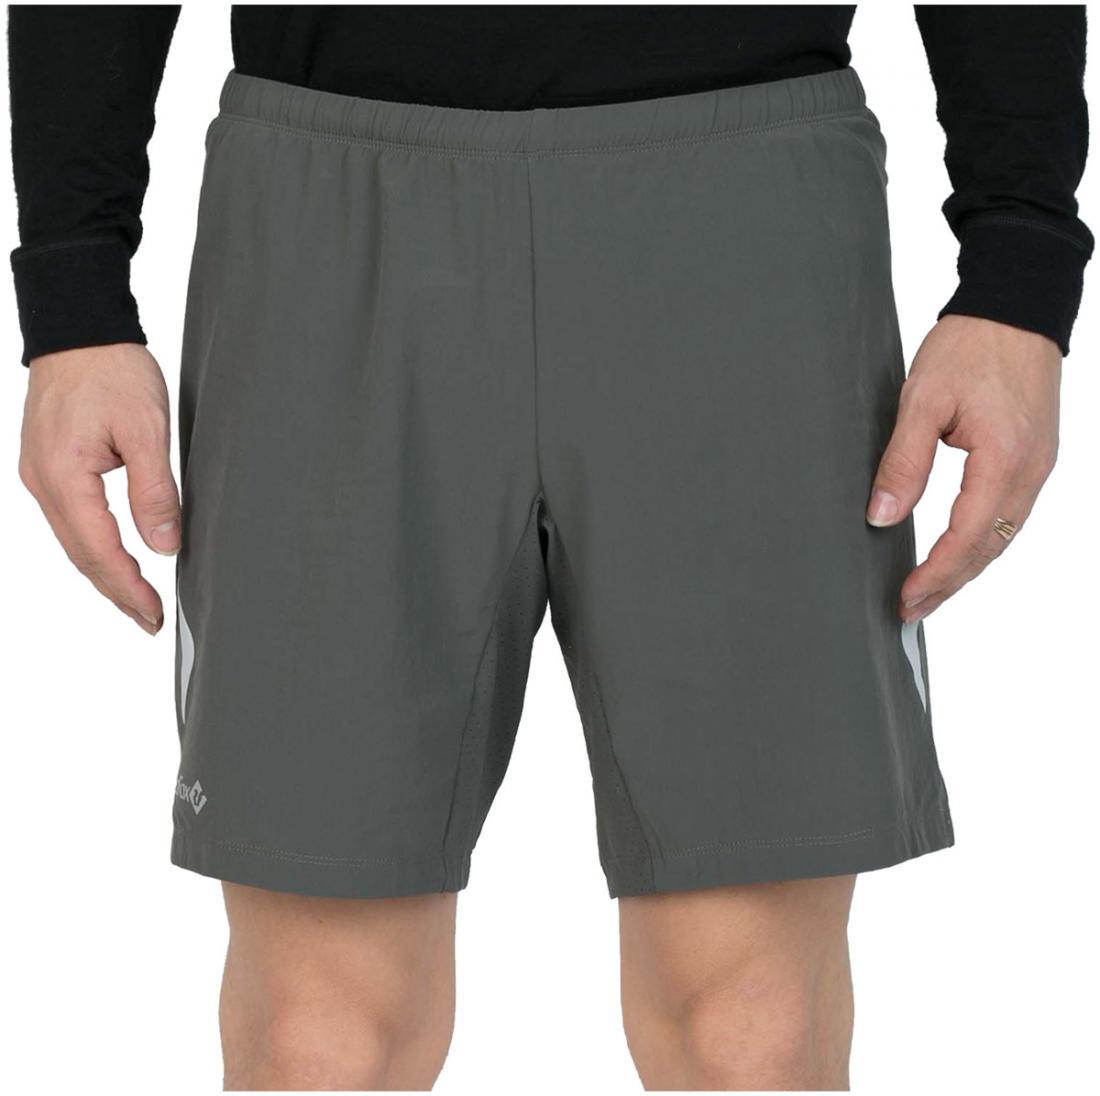 Шорты Race IIШорты, бриджи<br><br> Легкие спортивные шорты свободного кроя. выполнены из эластичного материала с высокими показателями отведения и испарения влаги, что позволяет использовать изделие для занятий активными видами спорта на открытом воздухе.<br><br><br>основное ...<br><br>Цвет: Серый<br>Размер: 42